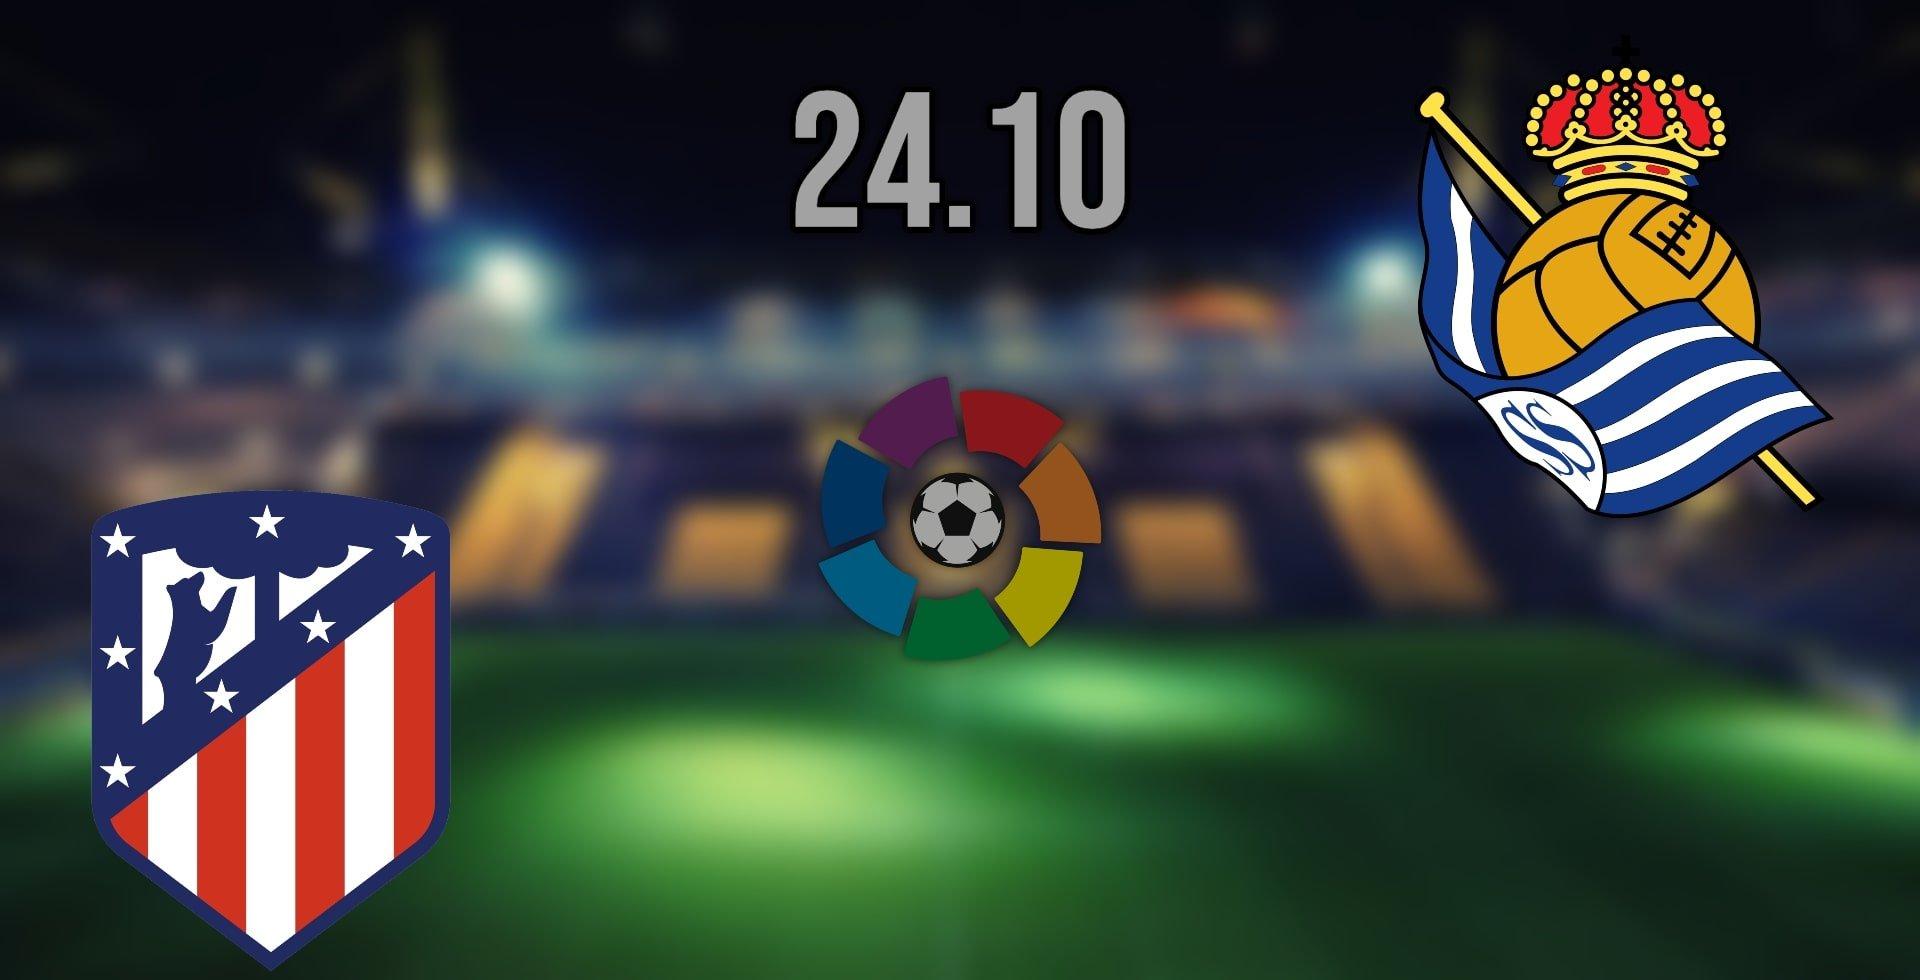 Atletico Madrid vs Real Sociedad Prediction: La Liga Match on 24.10.2021